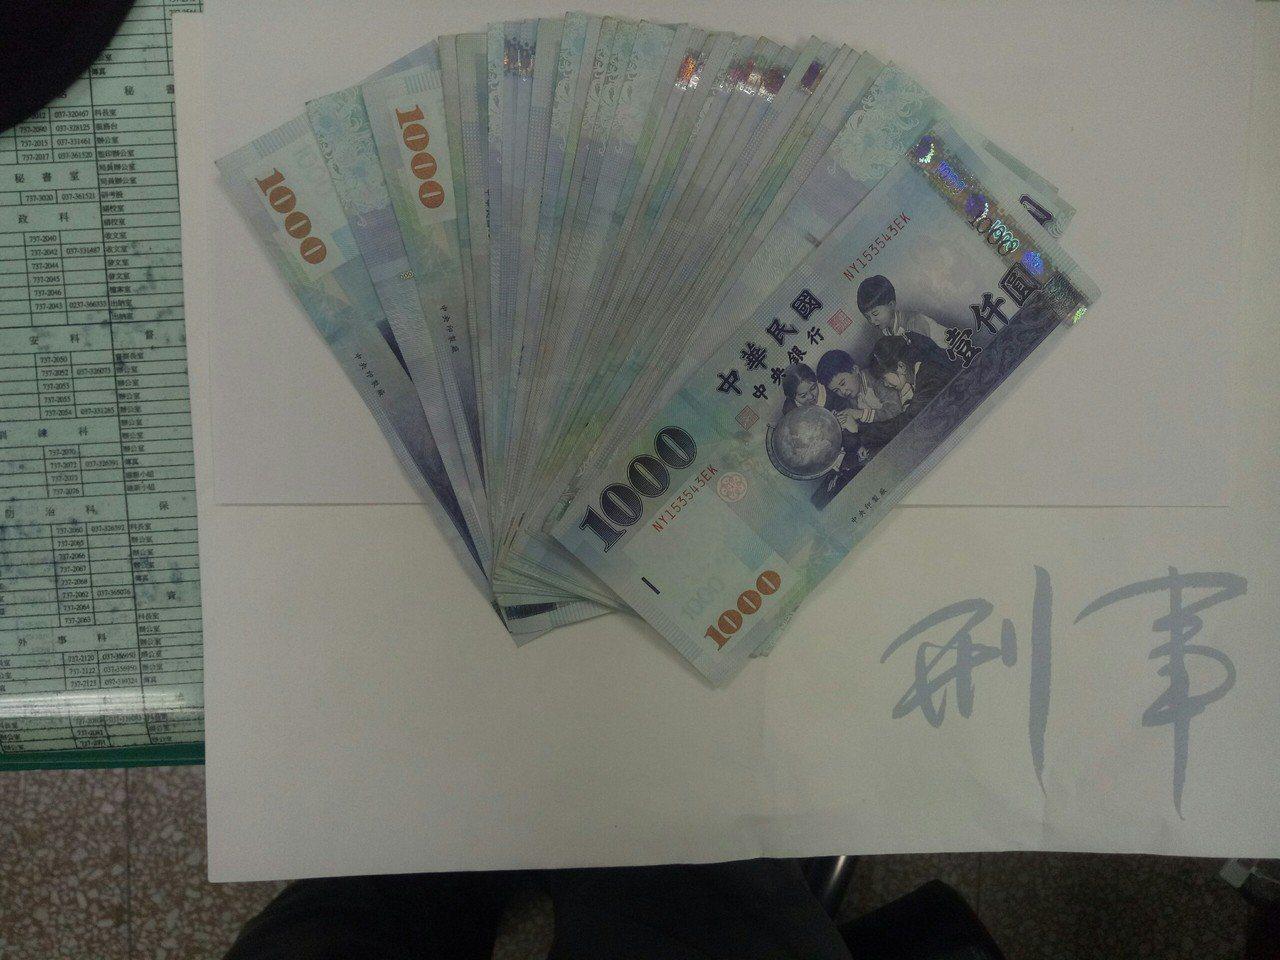 苗檢查賄扣案買票現金等證據,今天一口氣起訴4件。圖/苗栗地檢署提供